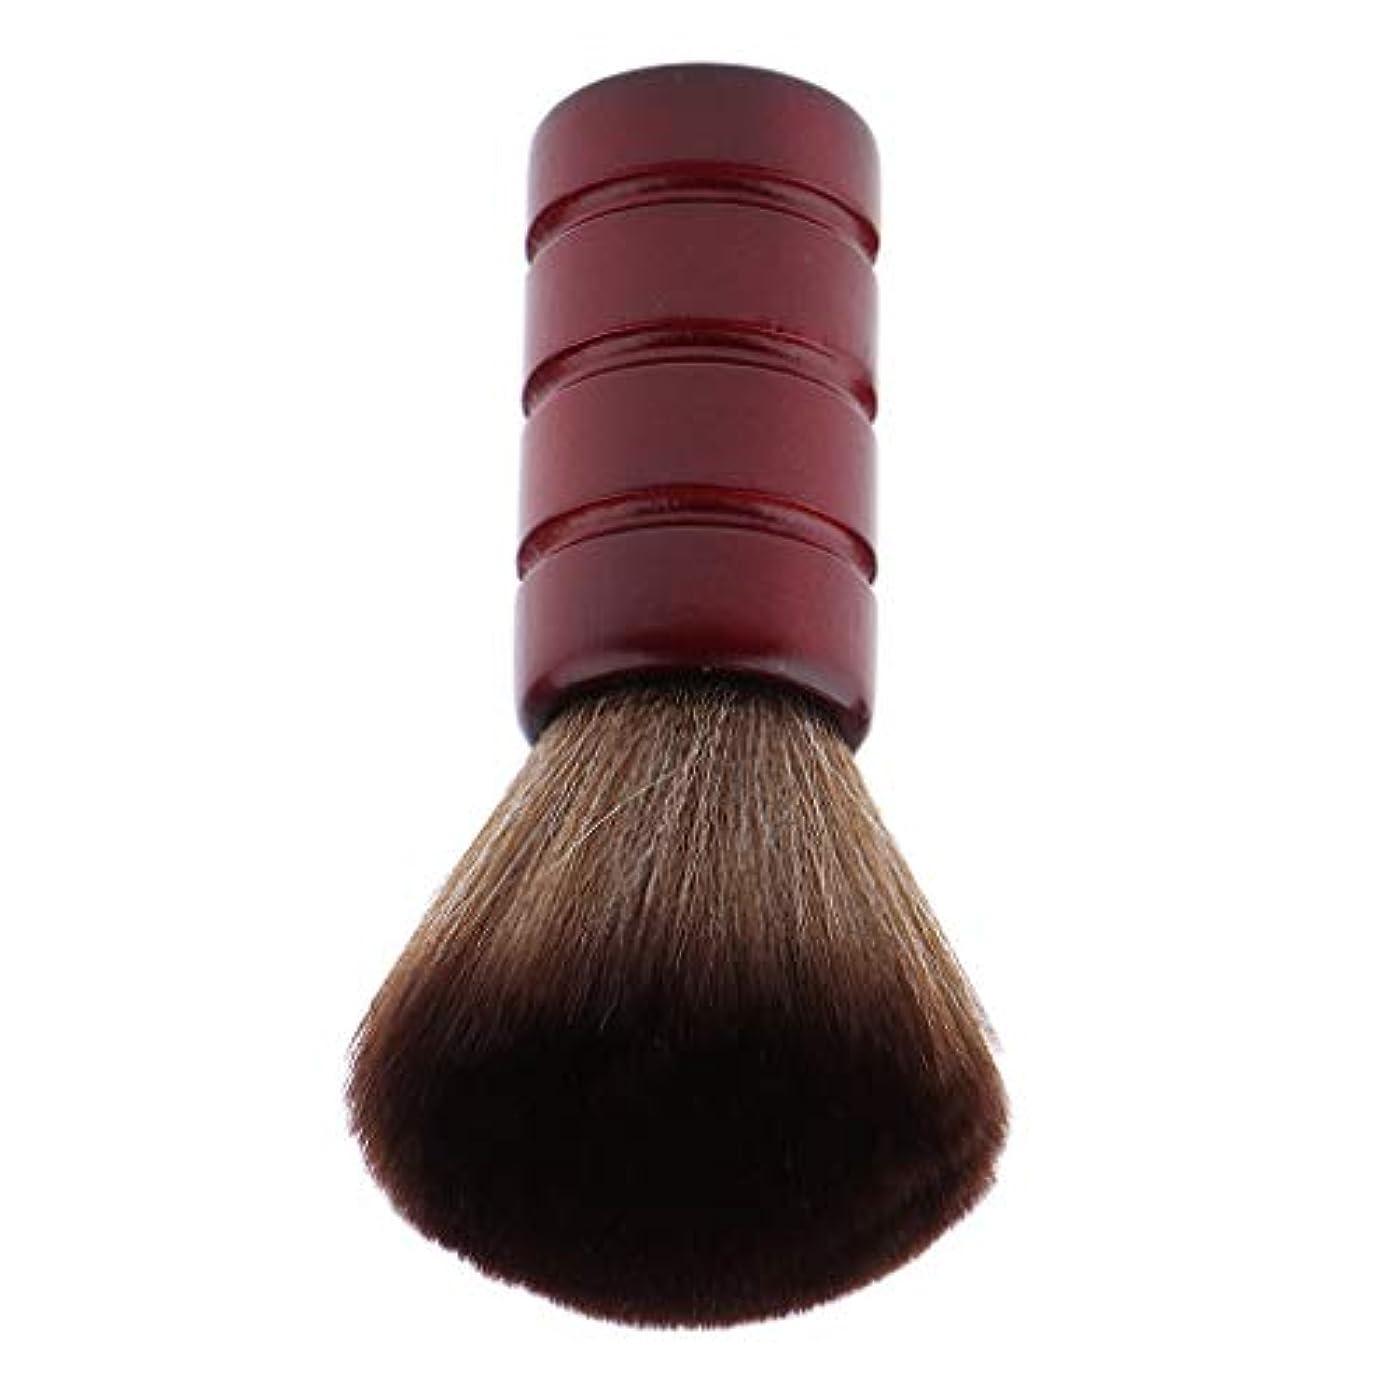 母性軽量ウィスキーバーバー ネックダスターブラシ 理髪 サロン 顔のダスターブラシ シェービング ヘアカット ブラシ